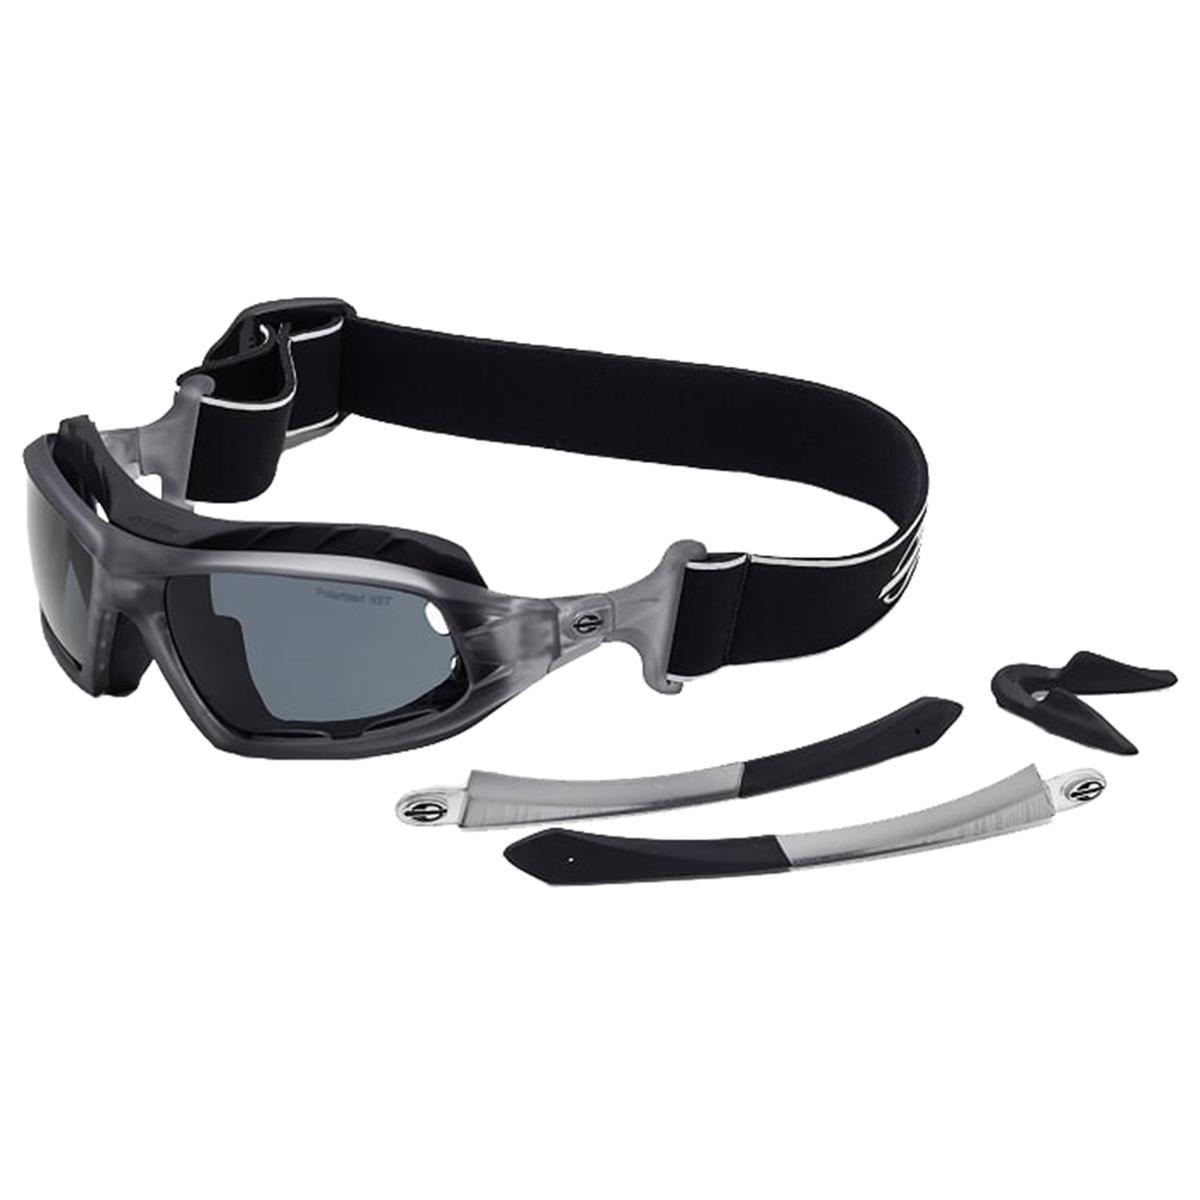 6257d1453 óculos mormaii floater - Esporte Visão